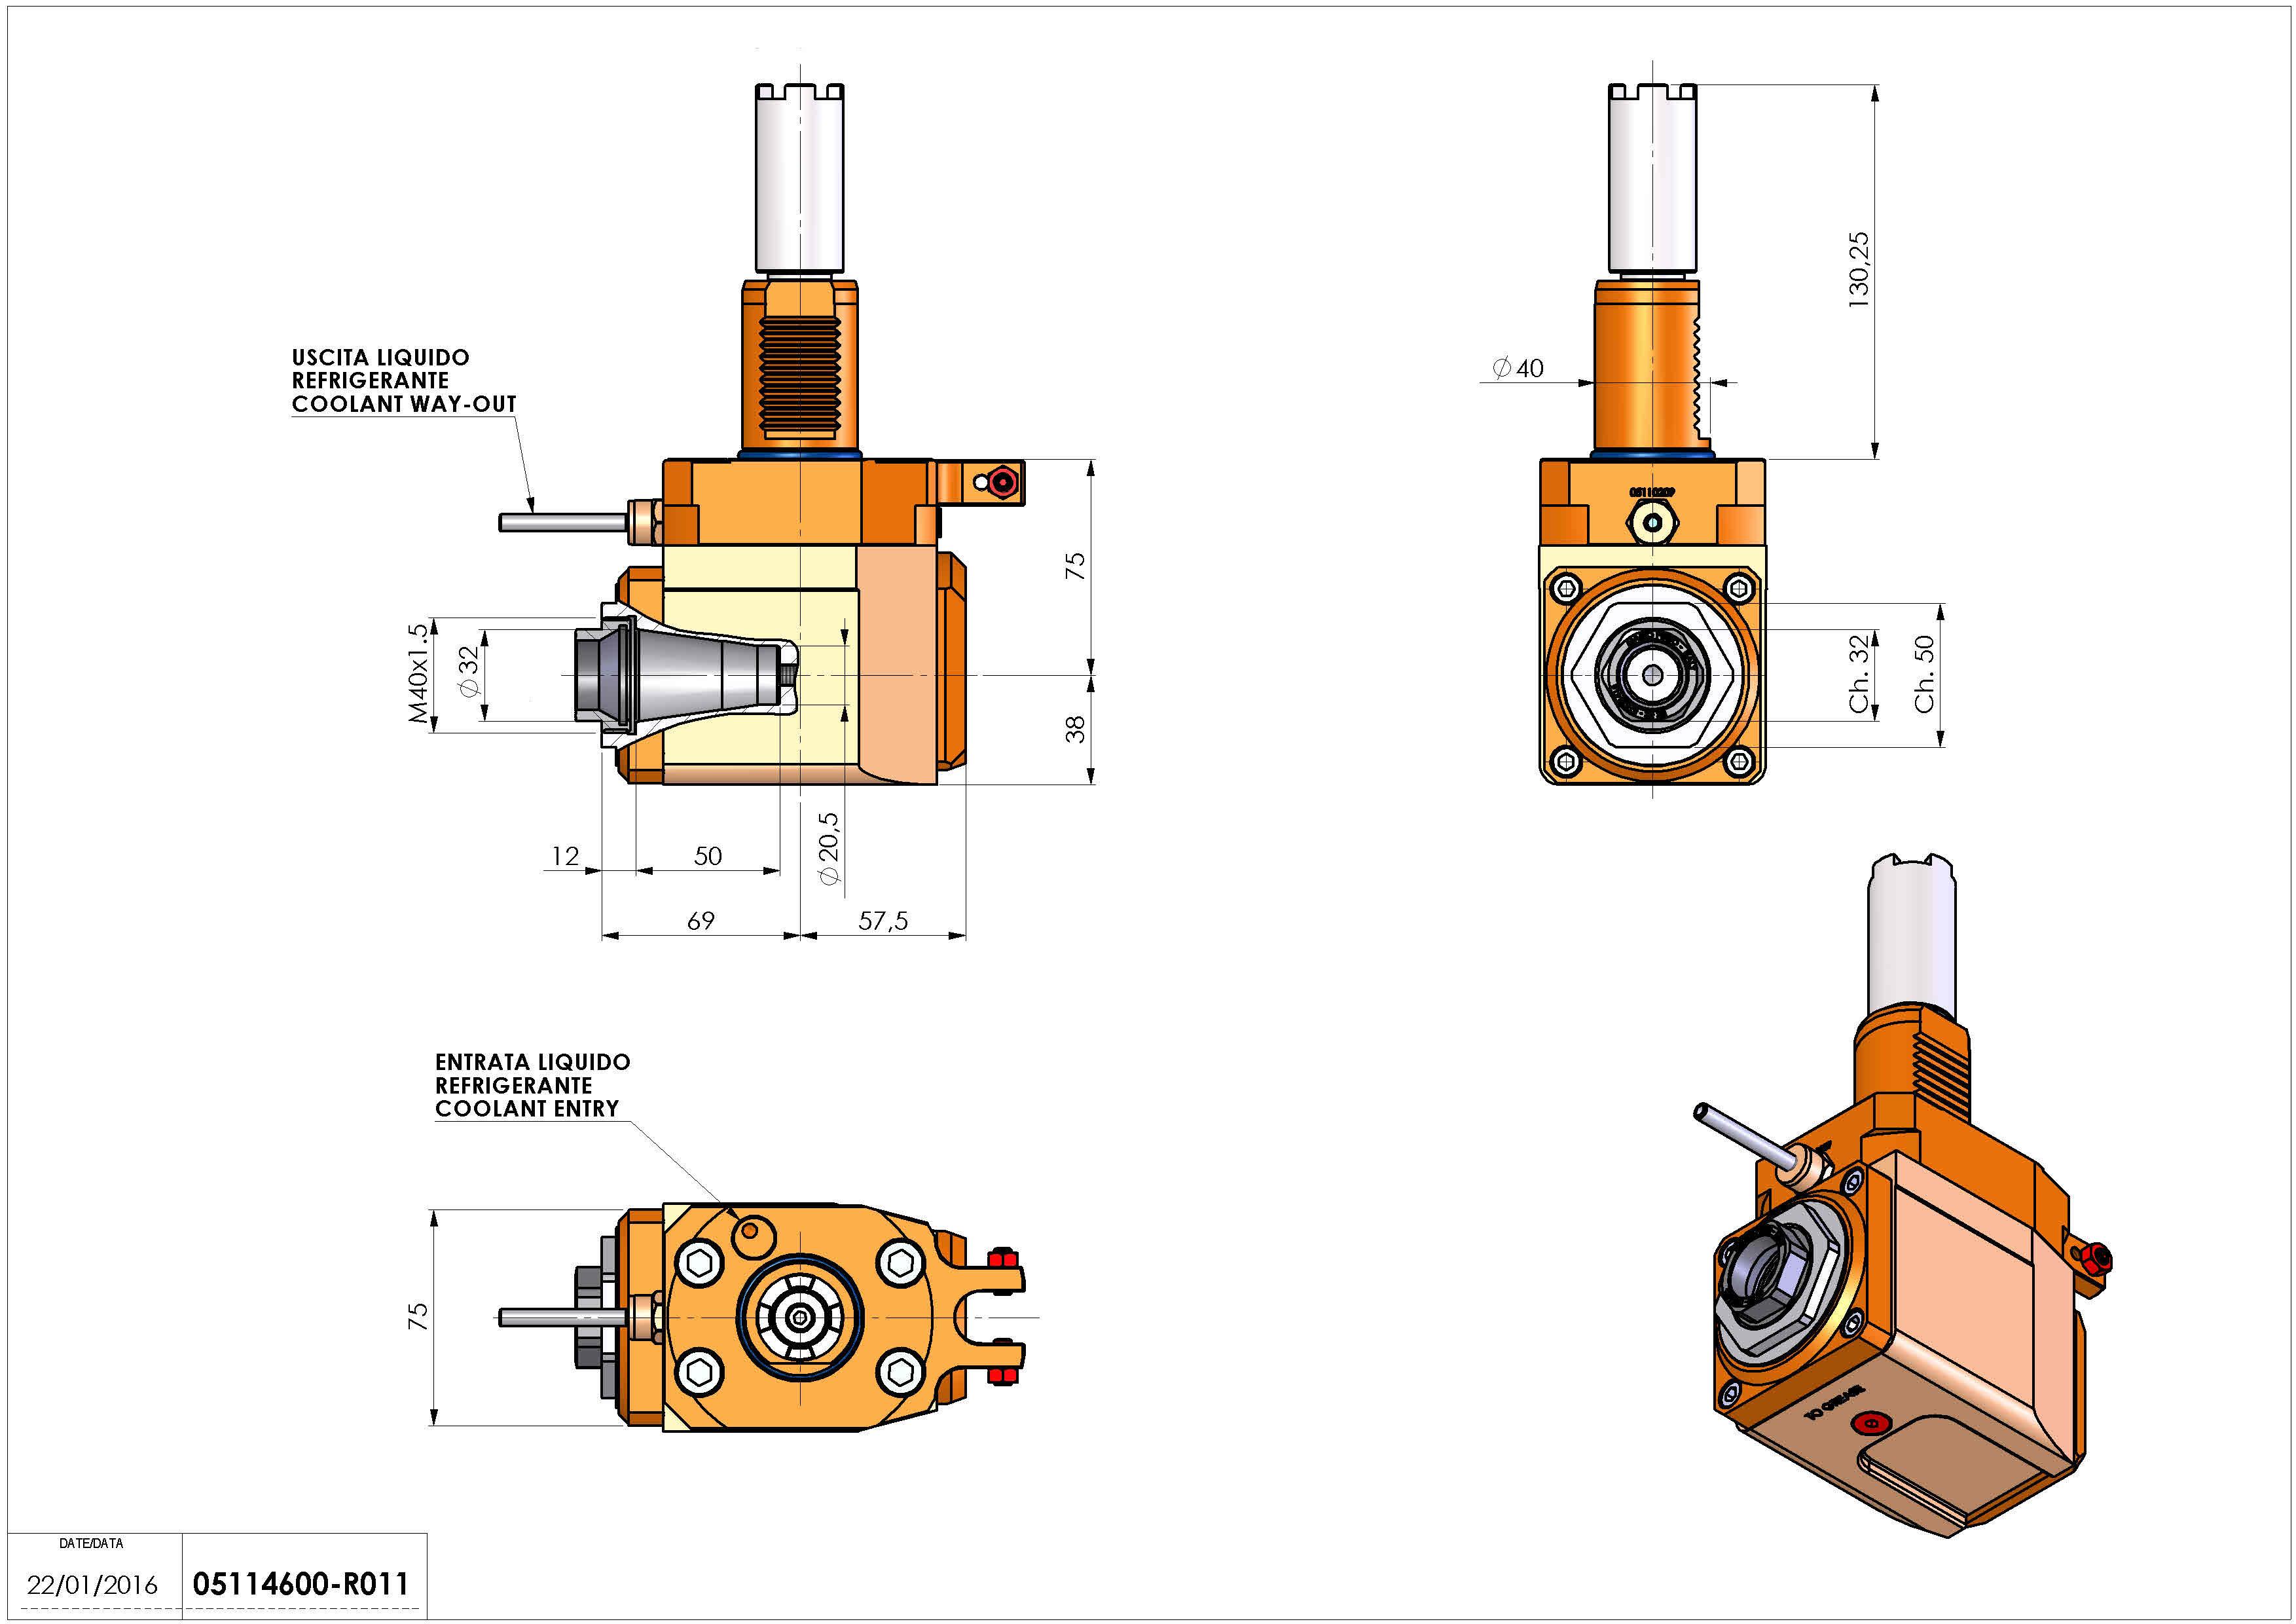 Technical image - LT-A VDI40 ER32F H75 130 HA.